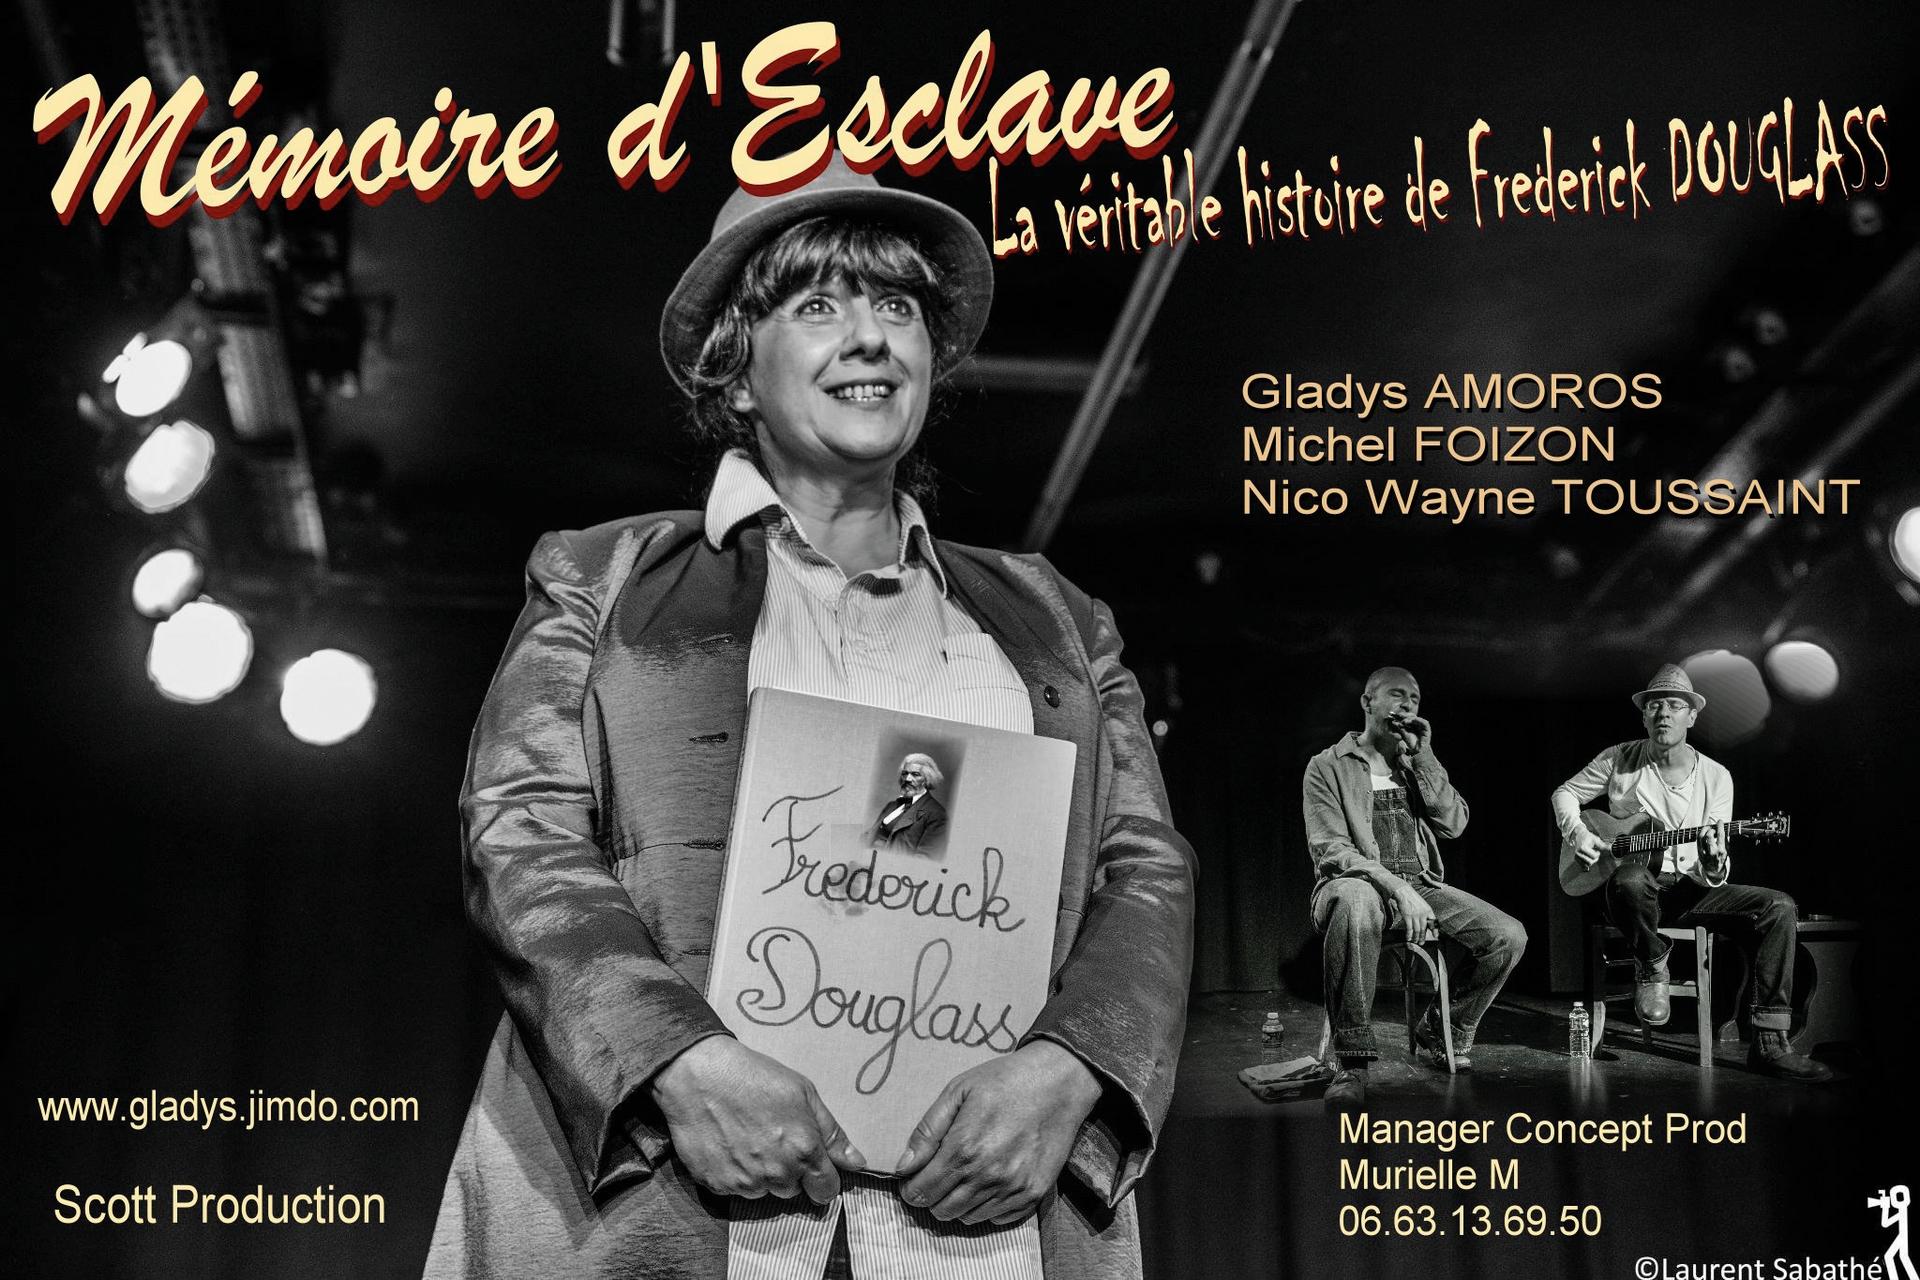 Concert théâtralisé : Mémoire d'esclave - ORTHEZ